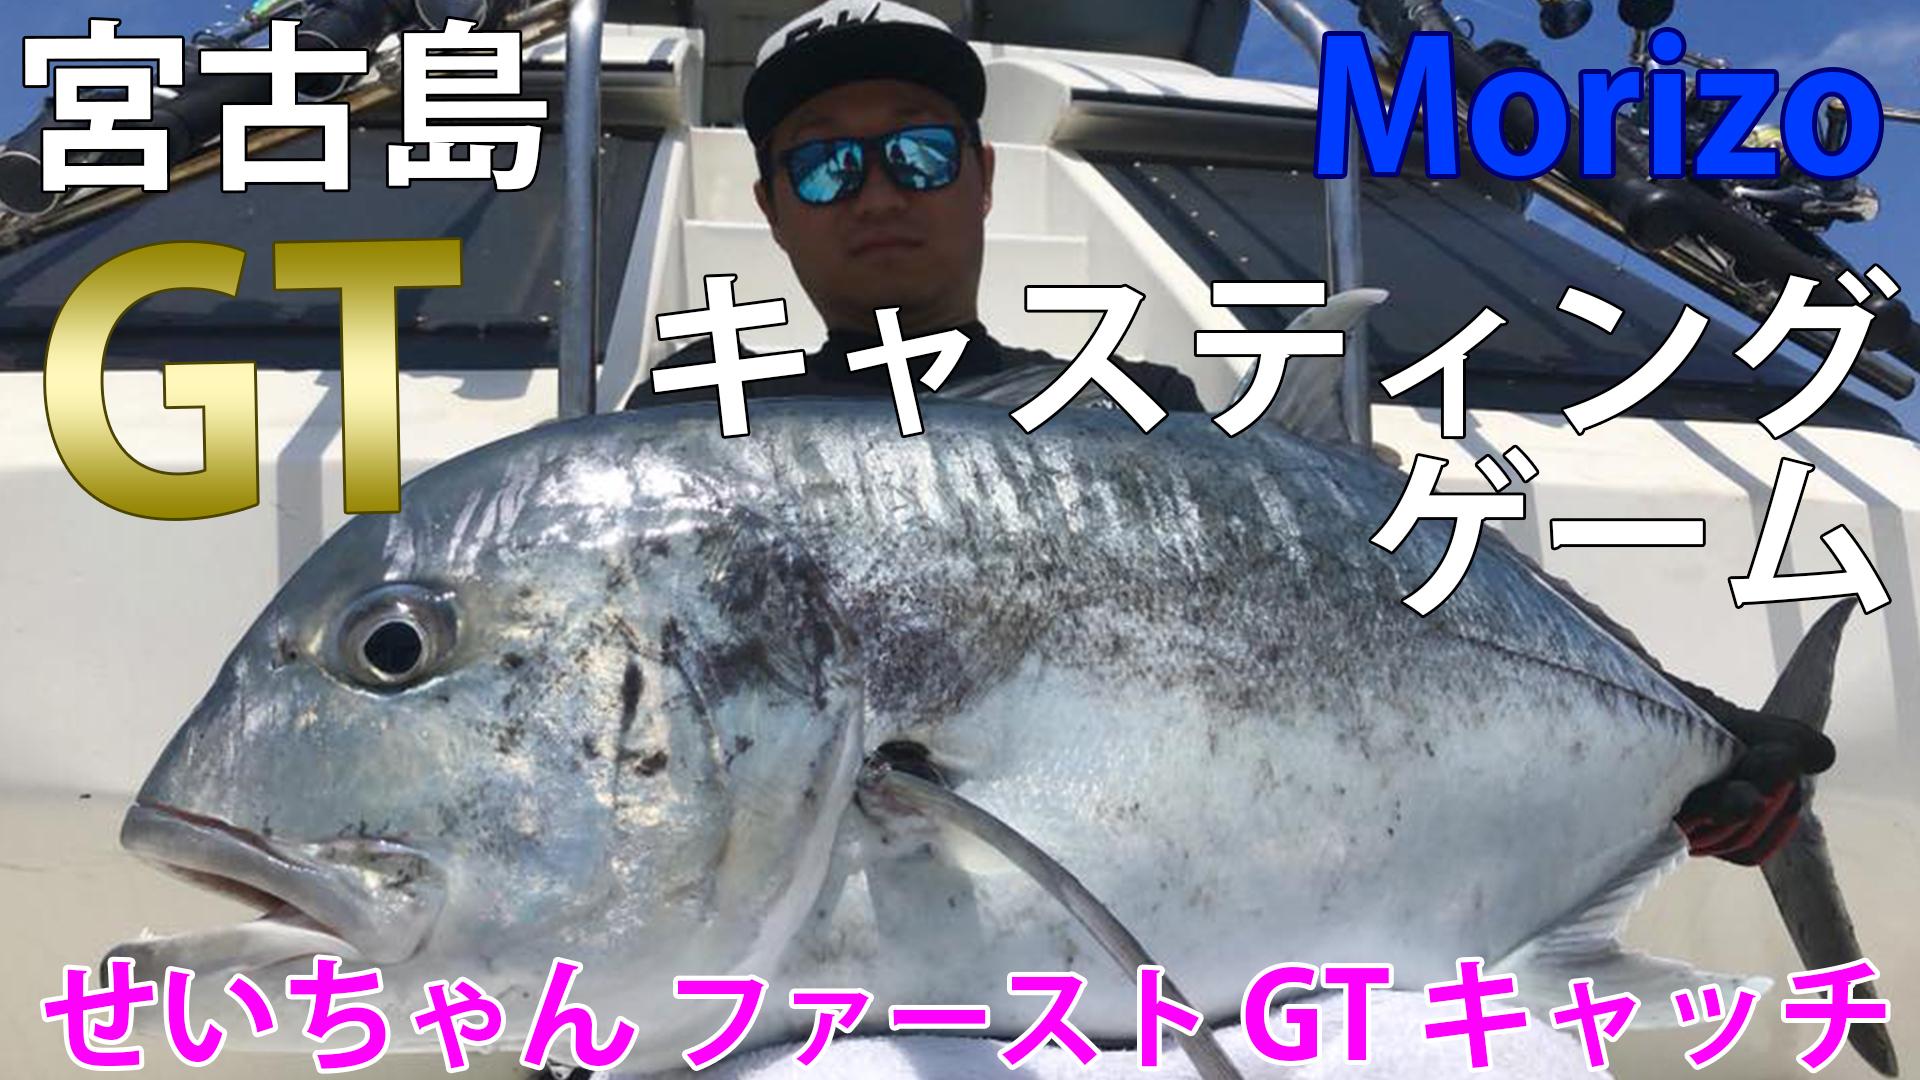 宮古島GTキャスティングゲームPart3のサムネイル